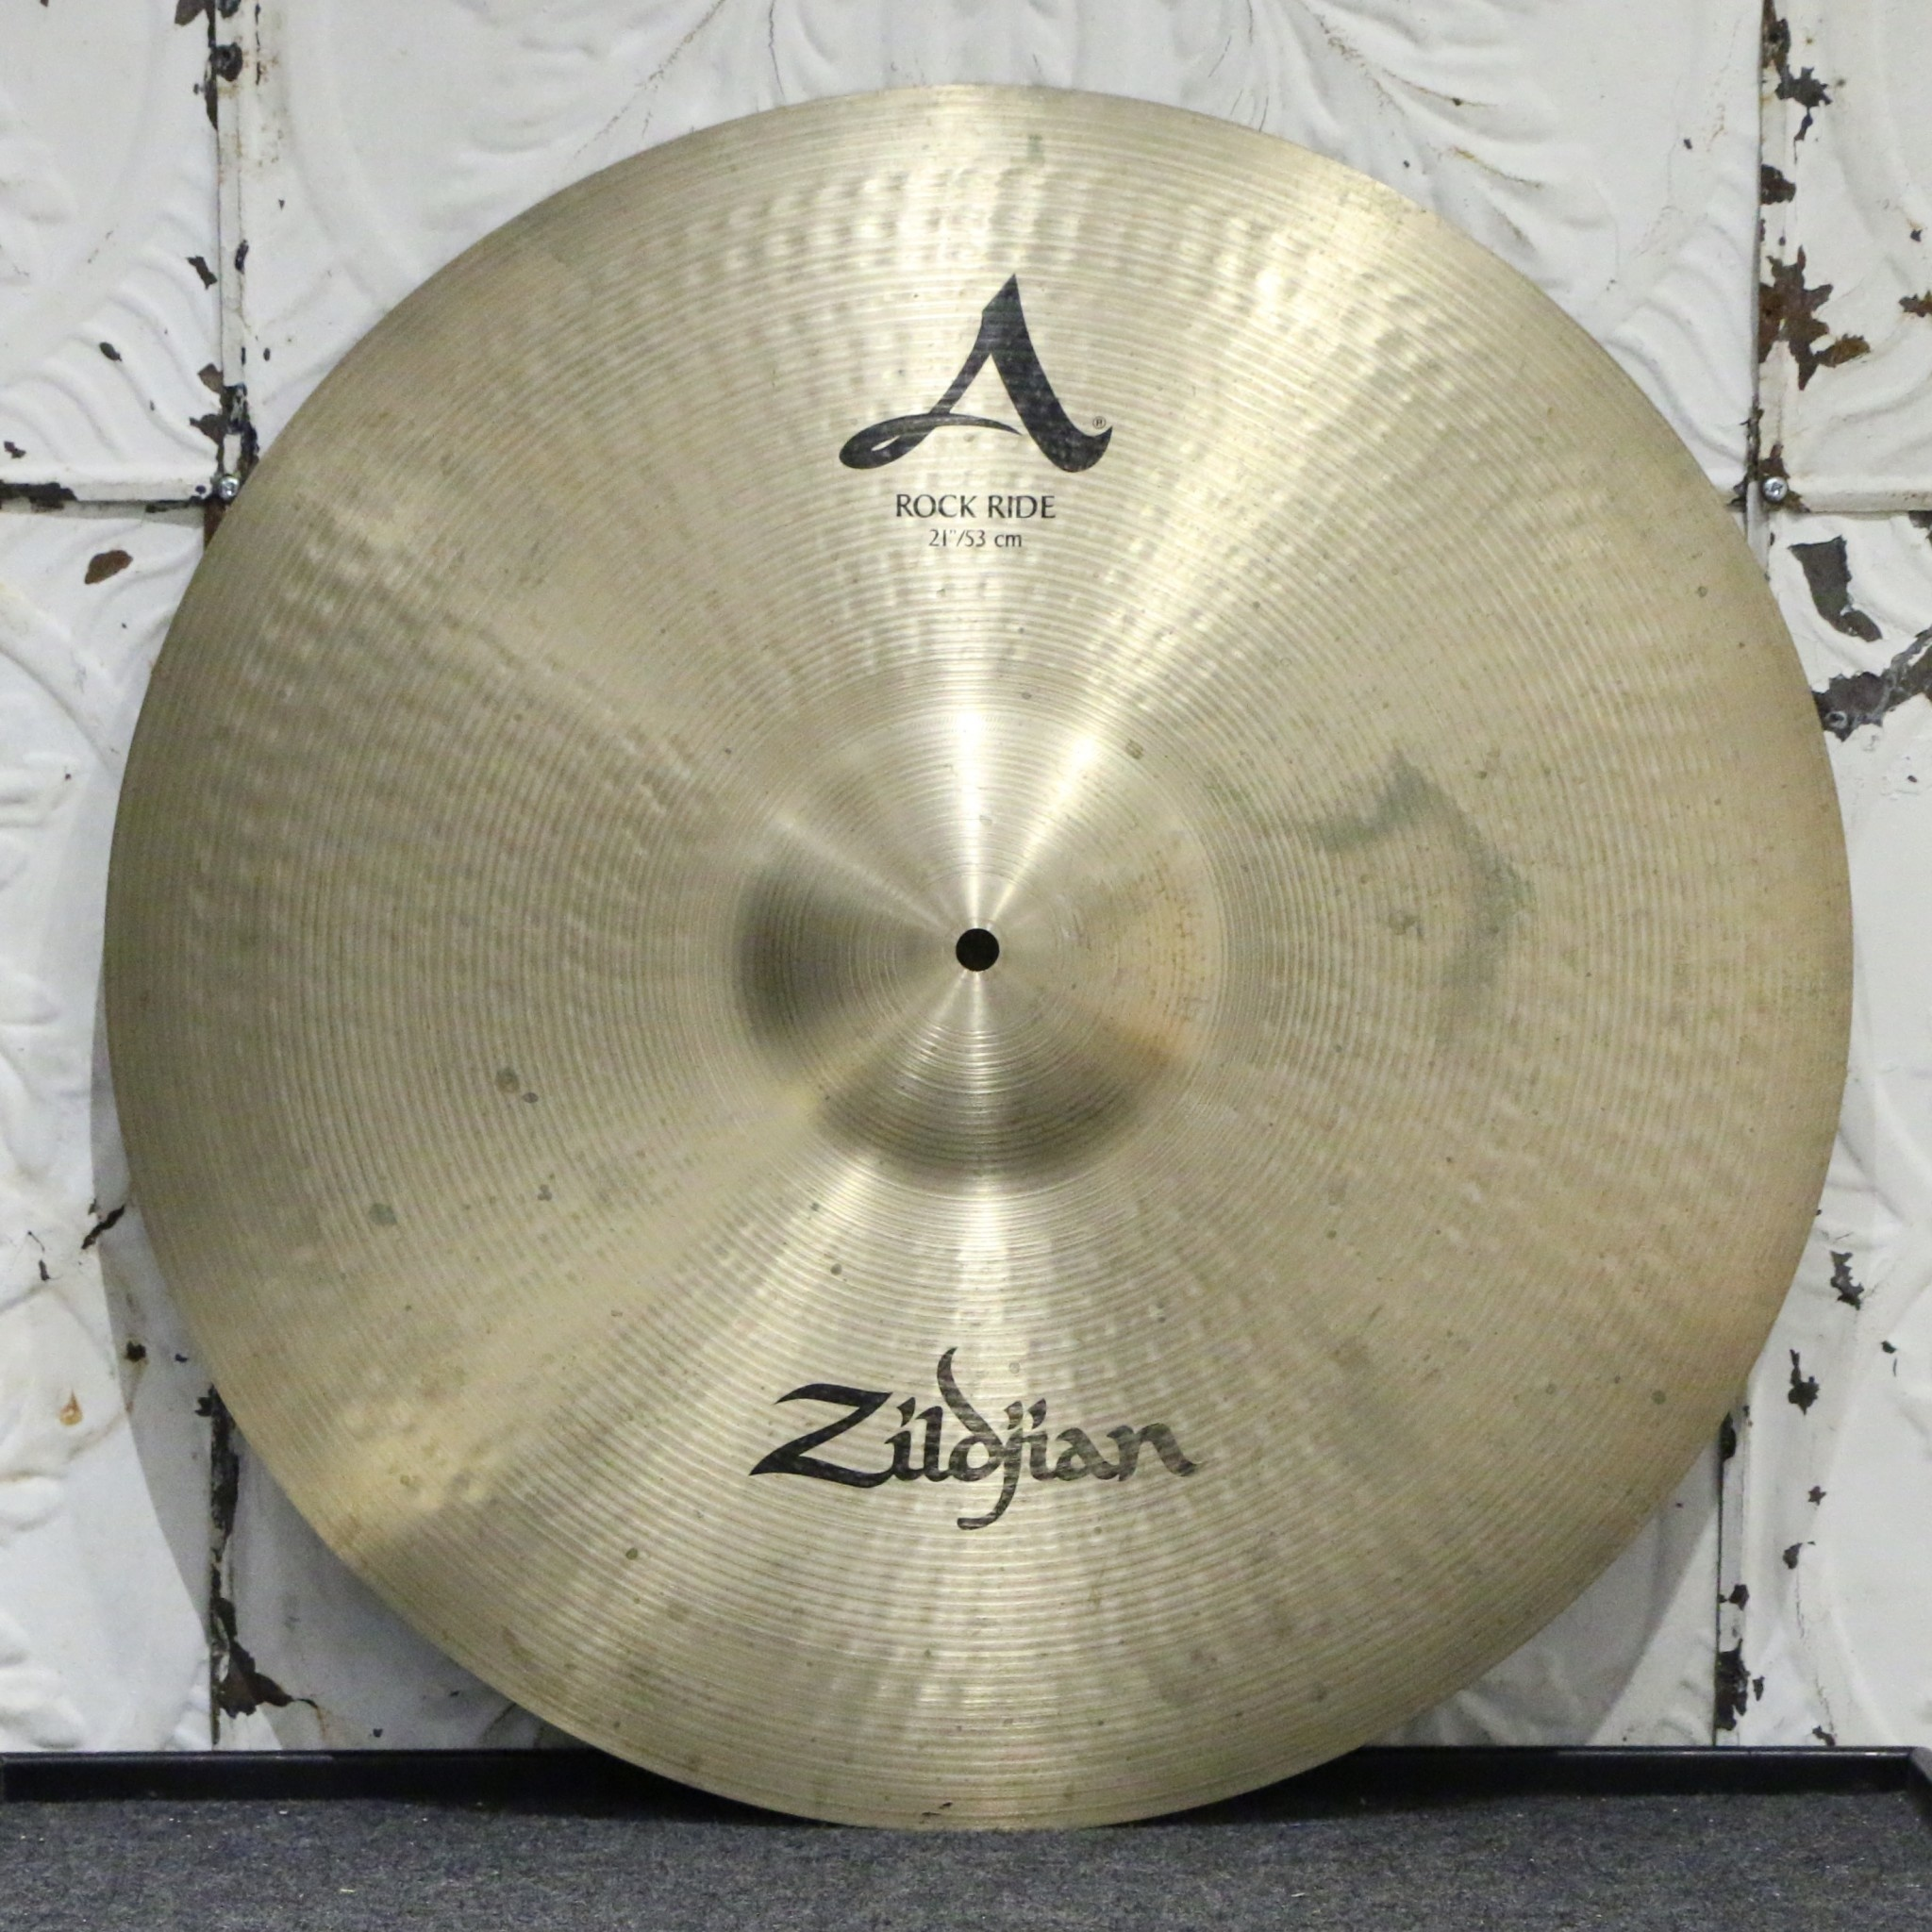 Zildjian Zildjian A Rock Ride Cymbal 21in (3350g)